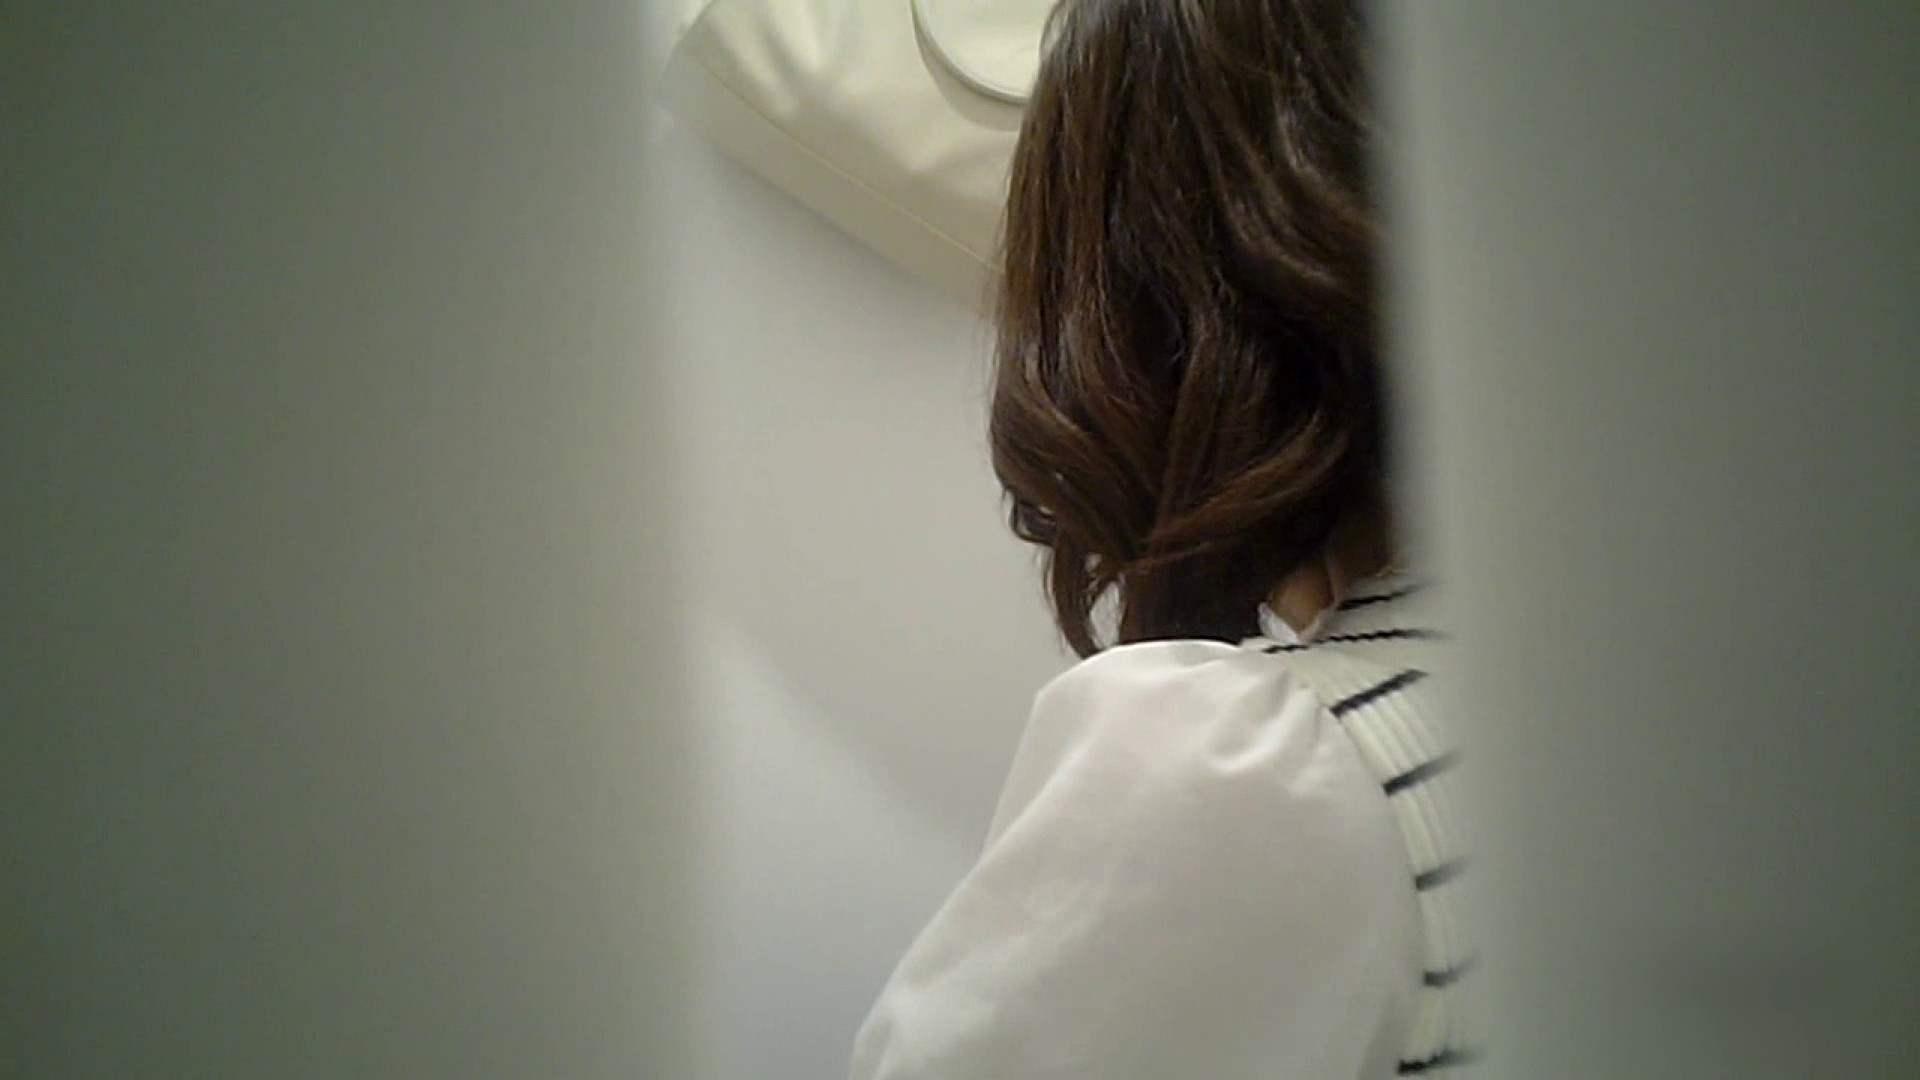 有名大学女性洗面所 vol.37 ついでにアンダーヘアーの状態確認ですね。 洗面所 オメコ動画キャプチャ 101枚 93